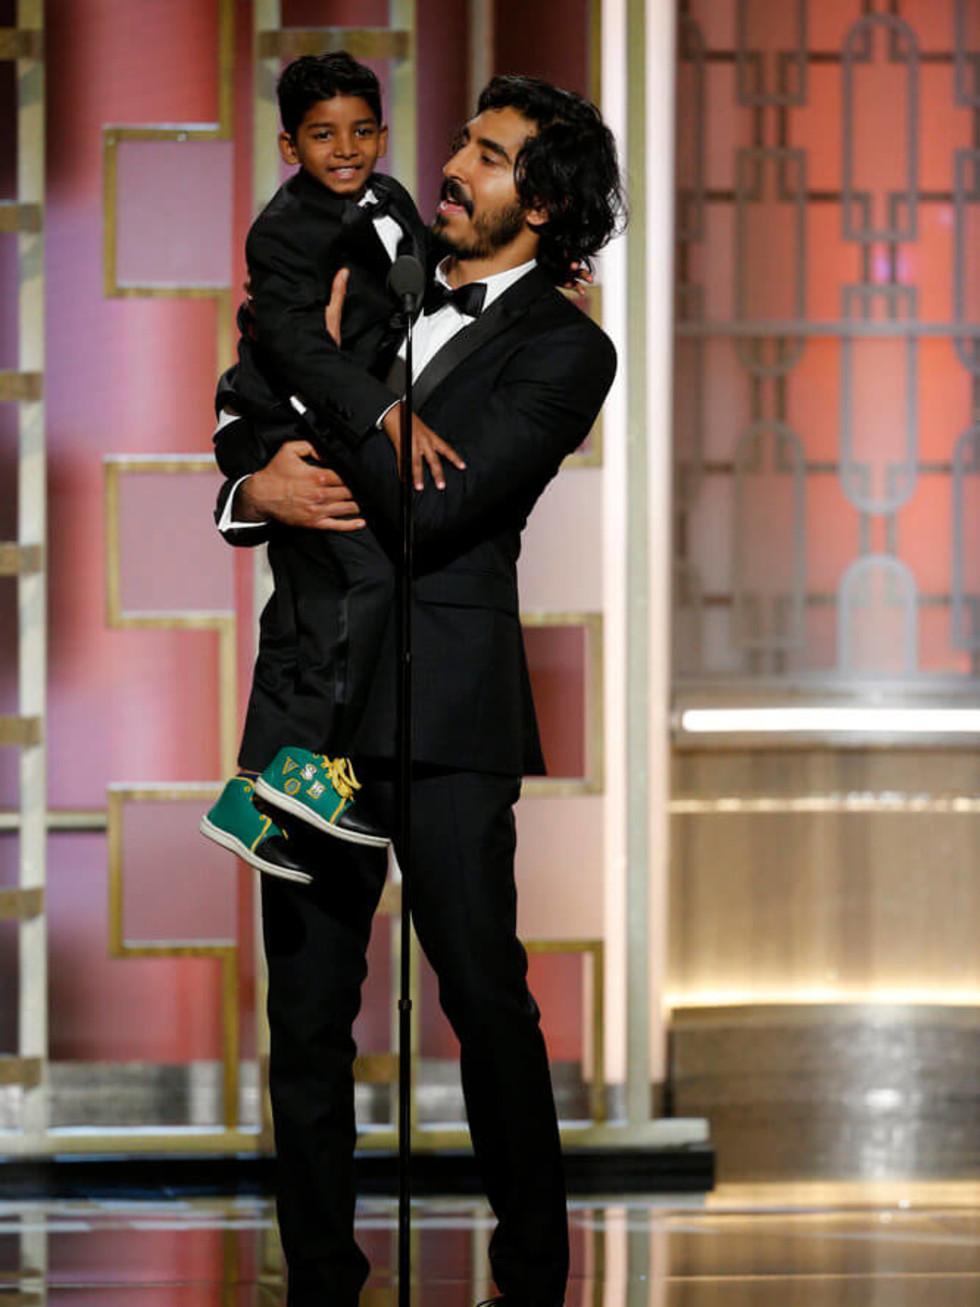 Sunny Pawar, Dev Patel at Golden Globes 2017